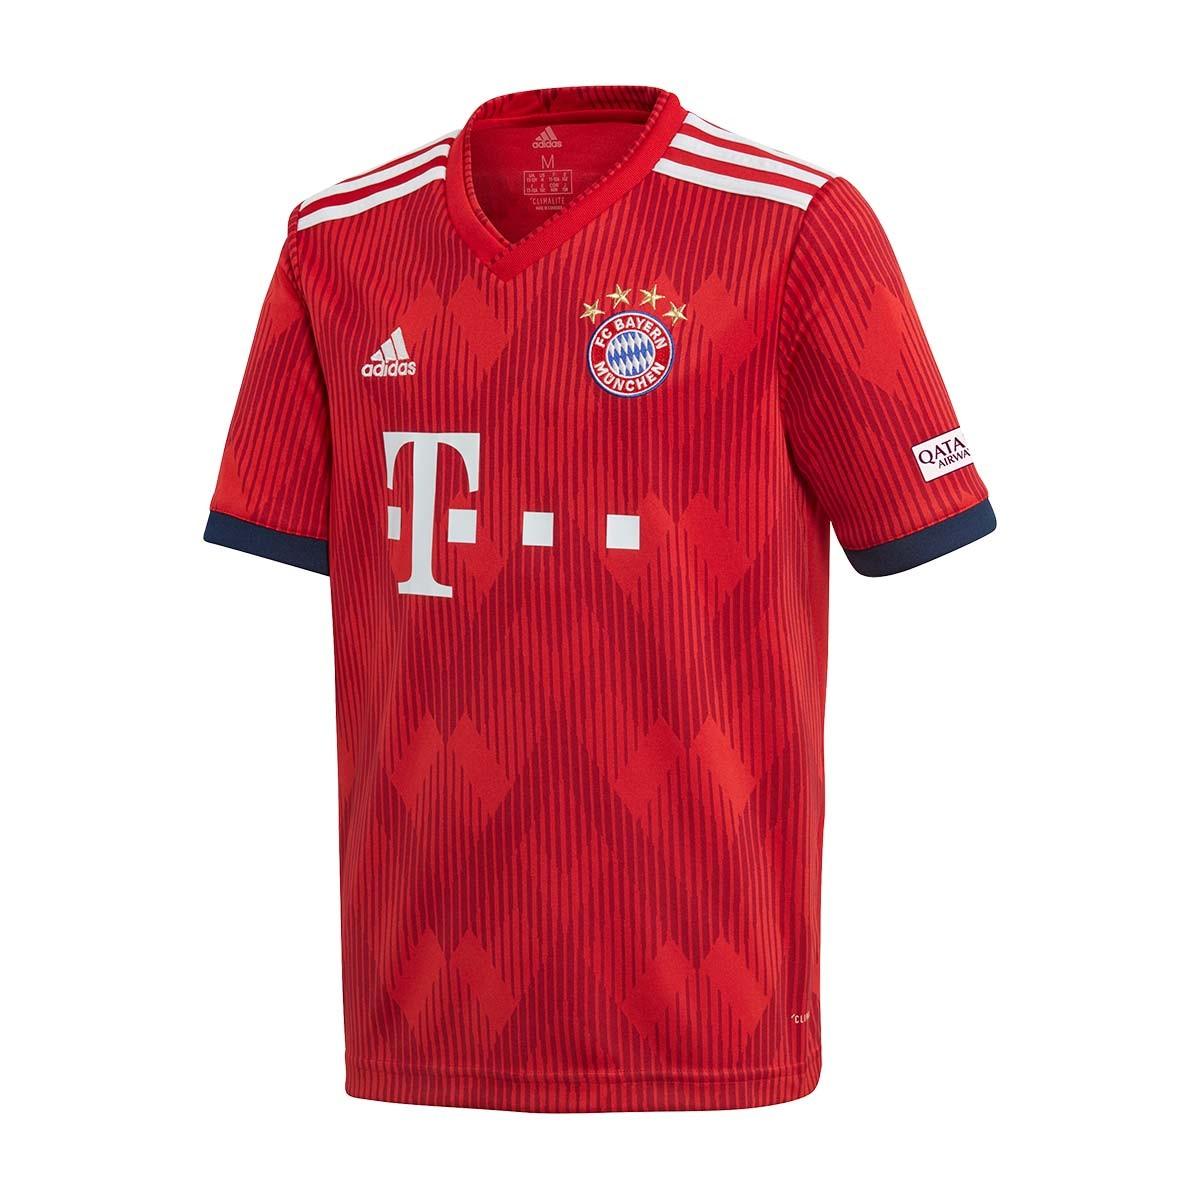 Camiseta adidas FC Bayern Munich Primera Equipación 2018-2019 Niño True  red-Strong red-White - Soloporteros es ahora Fútbol Emotion 9927336e4c6